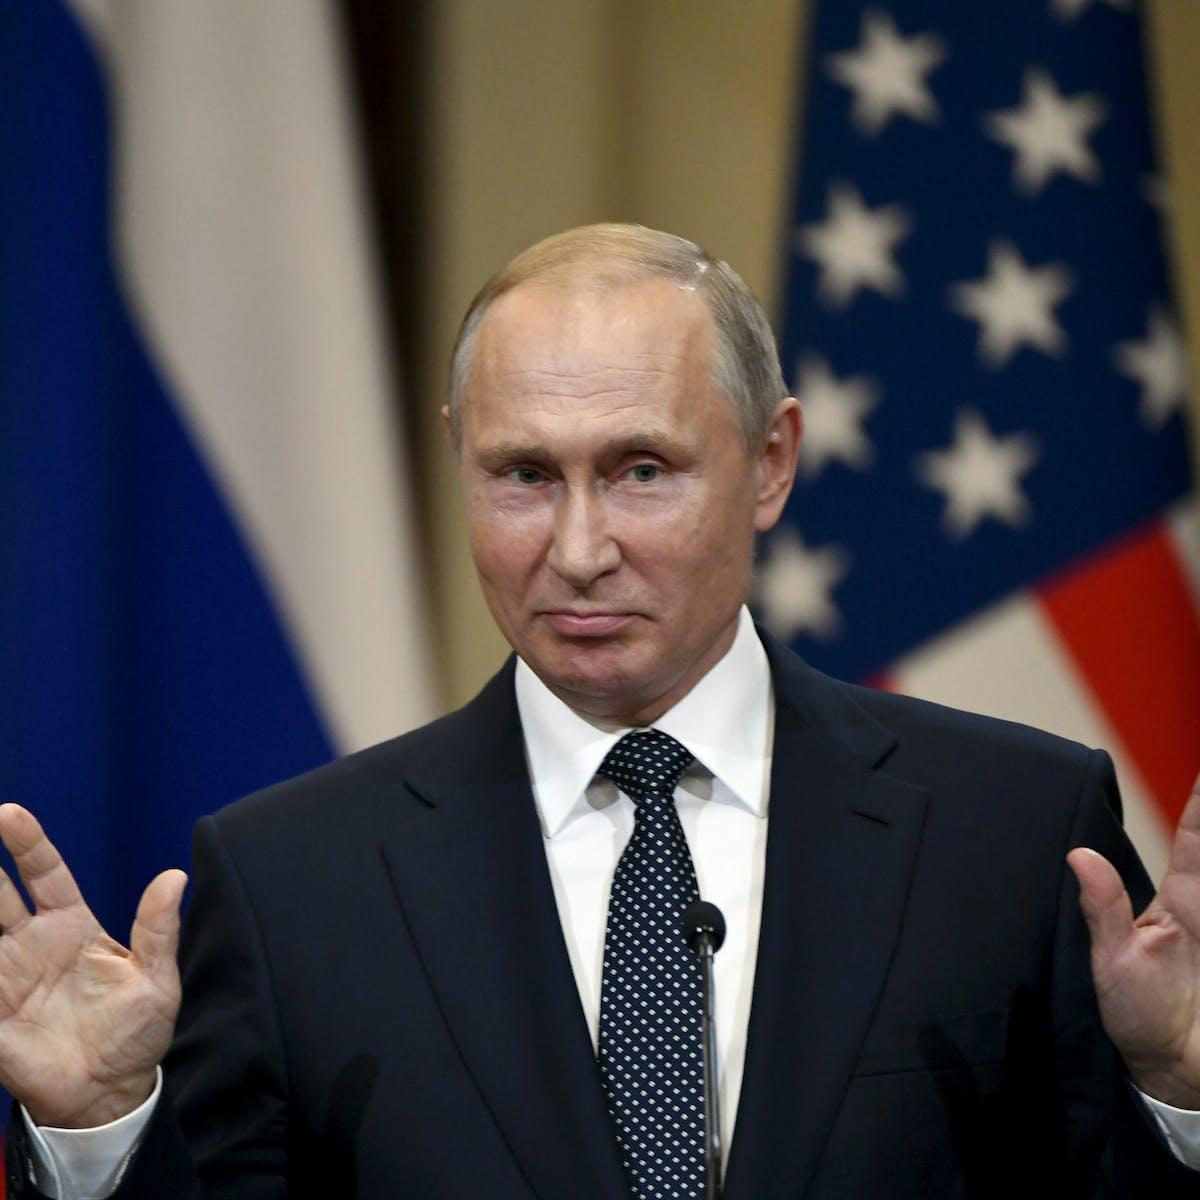 Putin The Hero